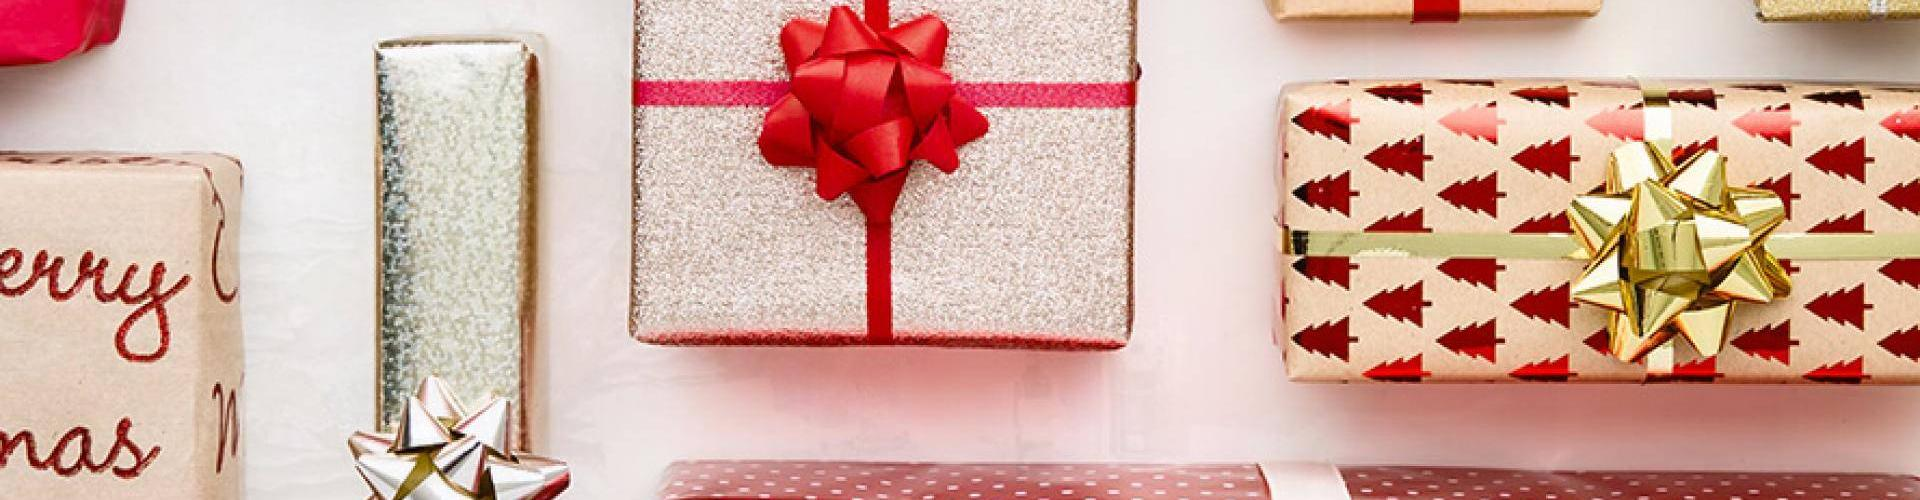 Menù Vigilia di Natale 24 dicembre e Santo Natale 25 dicembre 2019: Immagine